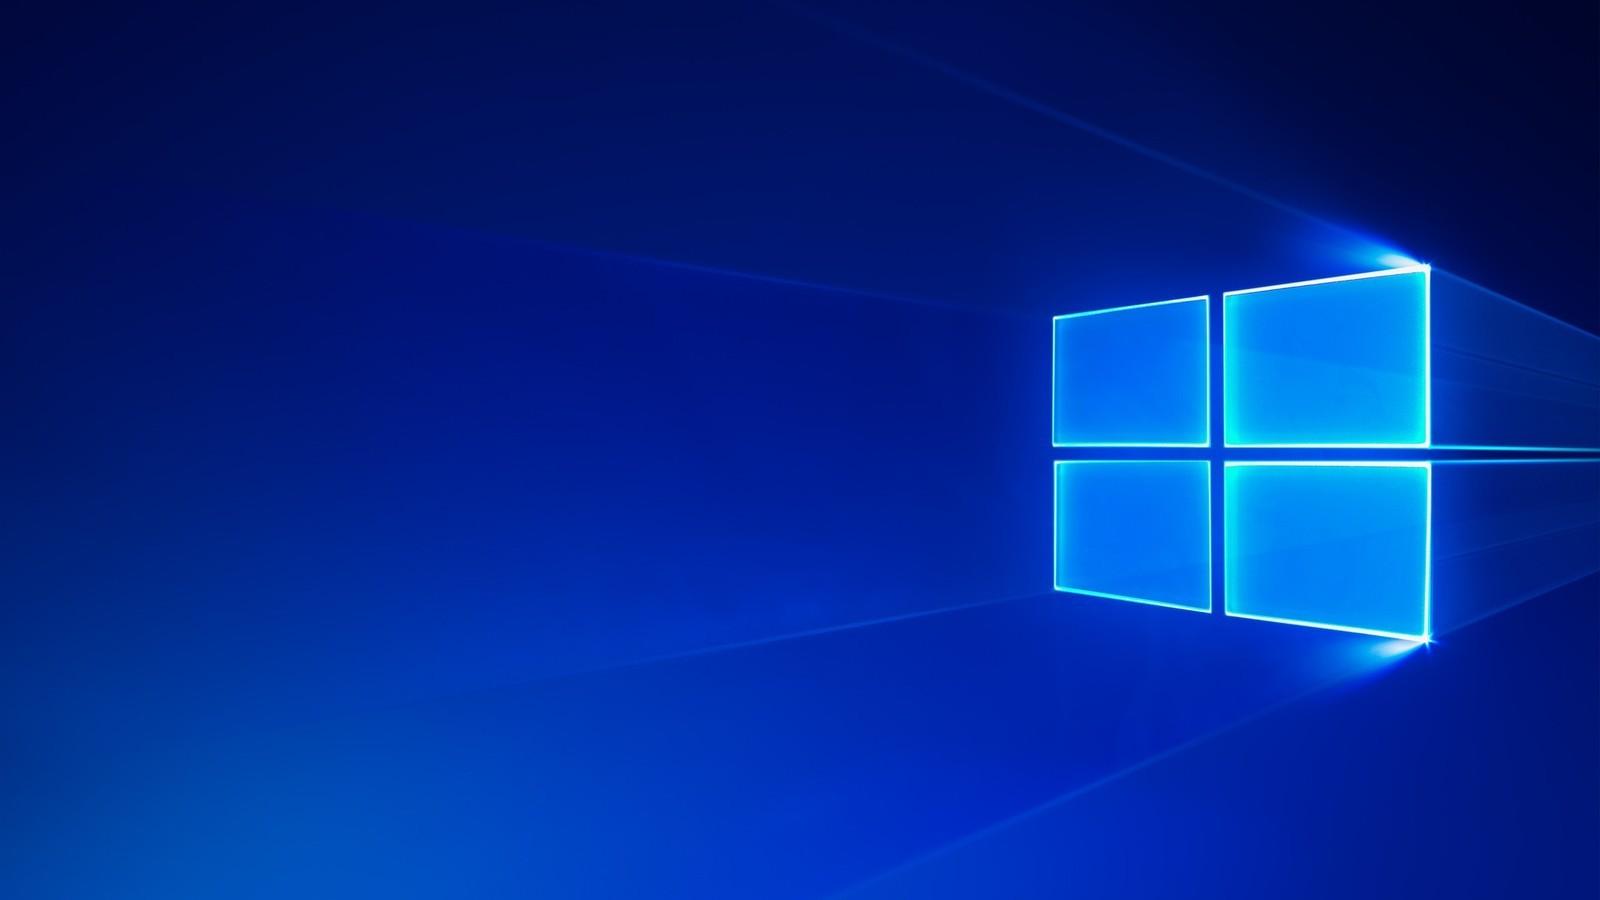 Windows 10 Update Fehler 0x80242006 zu reparieren